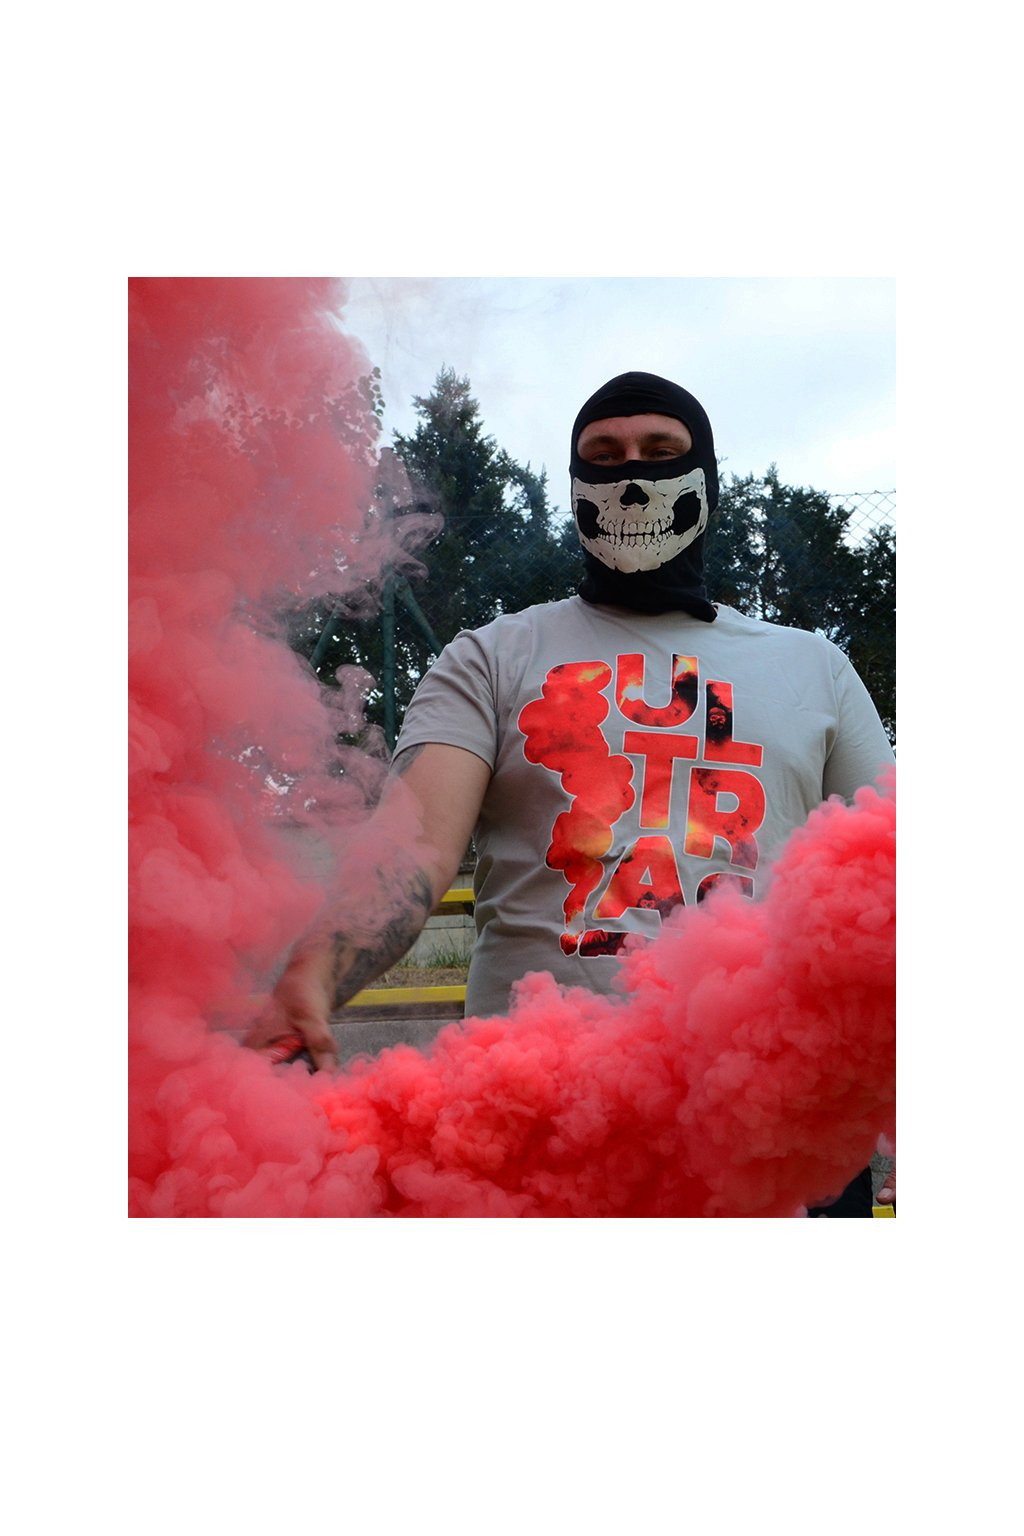 tricko fanswear ultras cervene 02